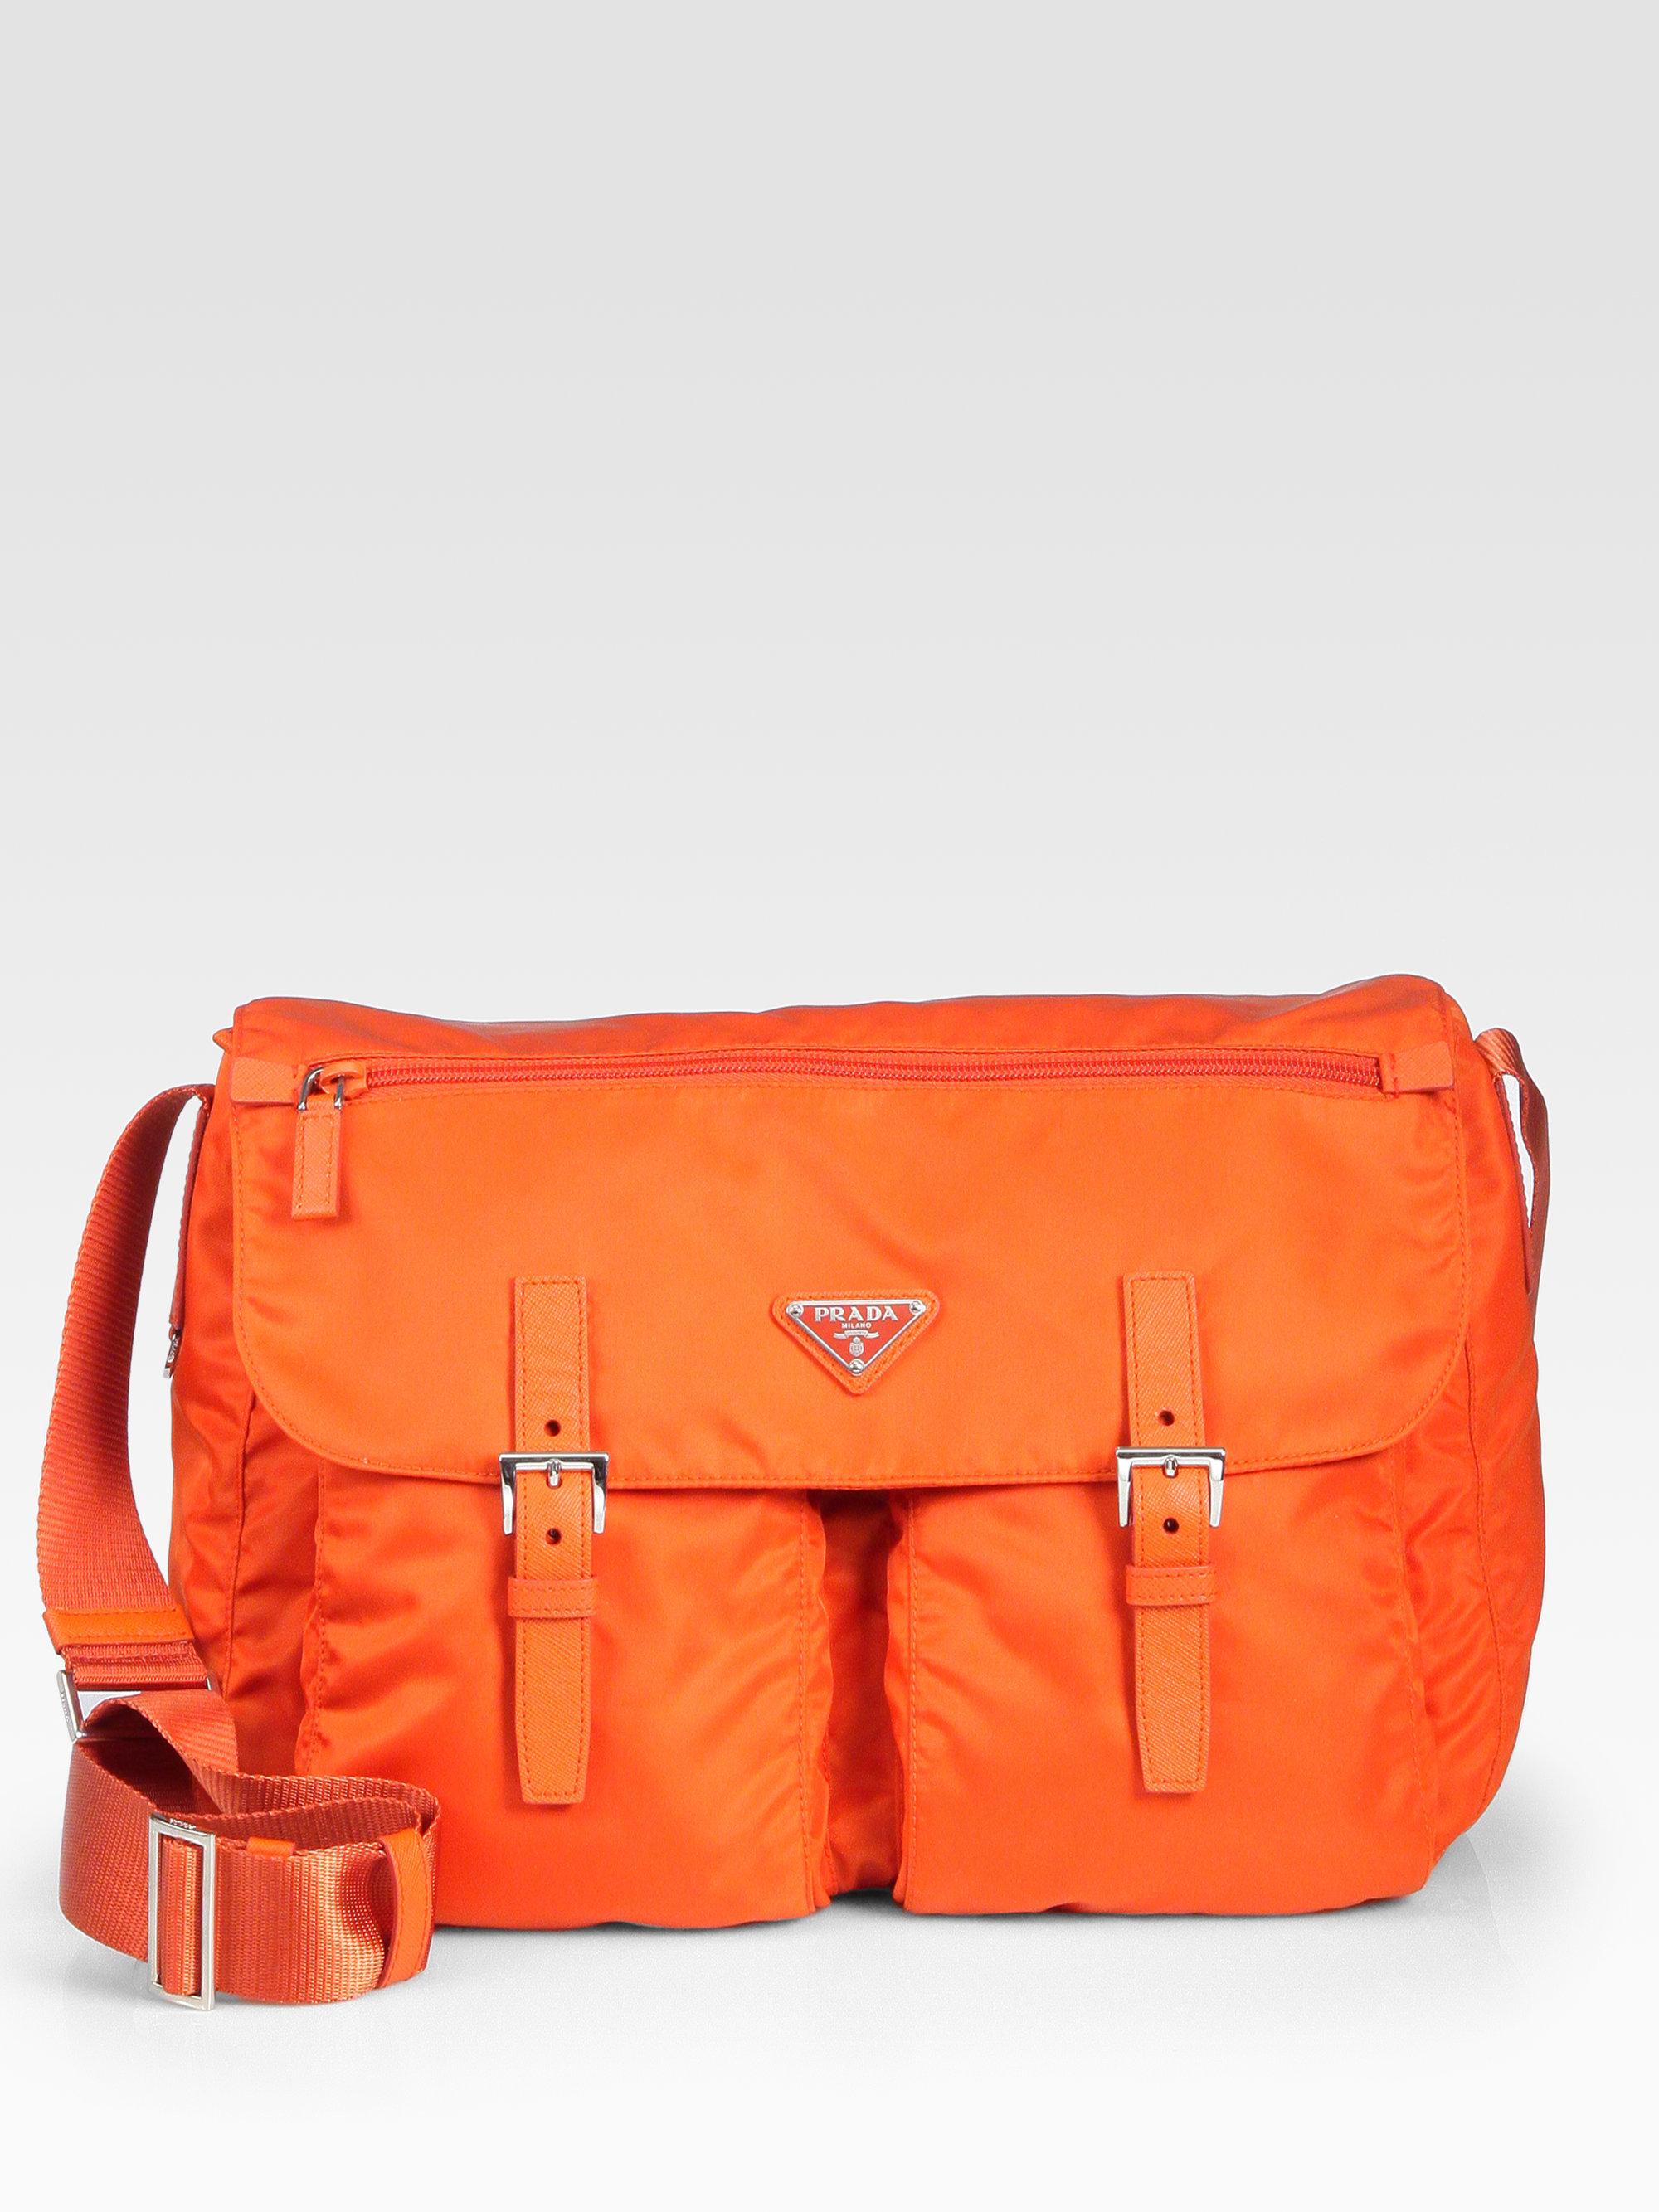 21145c9e1429 Lyst - Prada Vela Messenger in Orange for Men